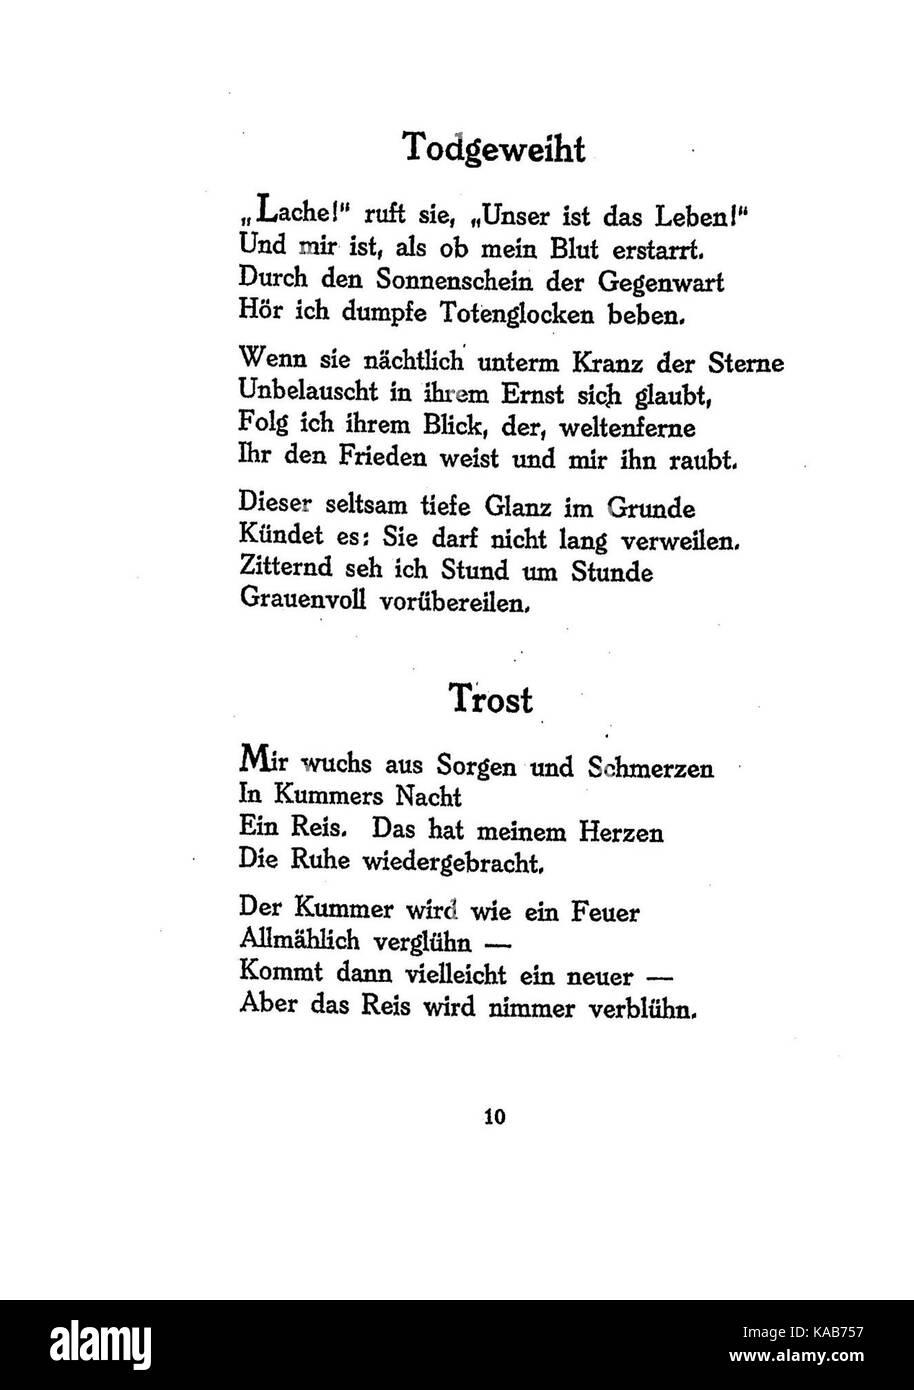 Gedicht stern frieden